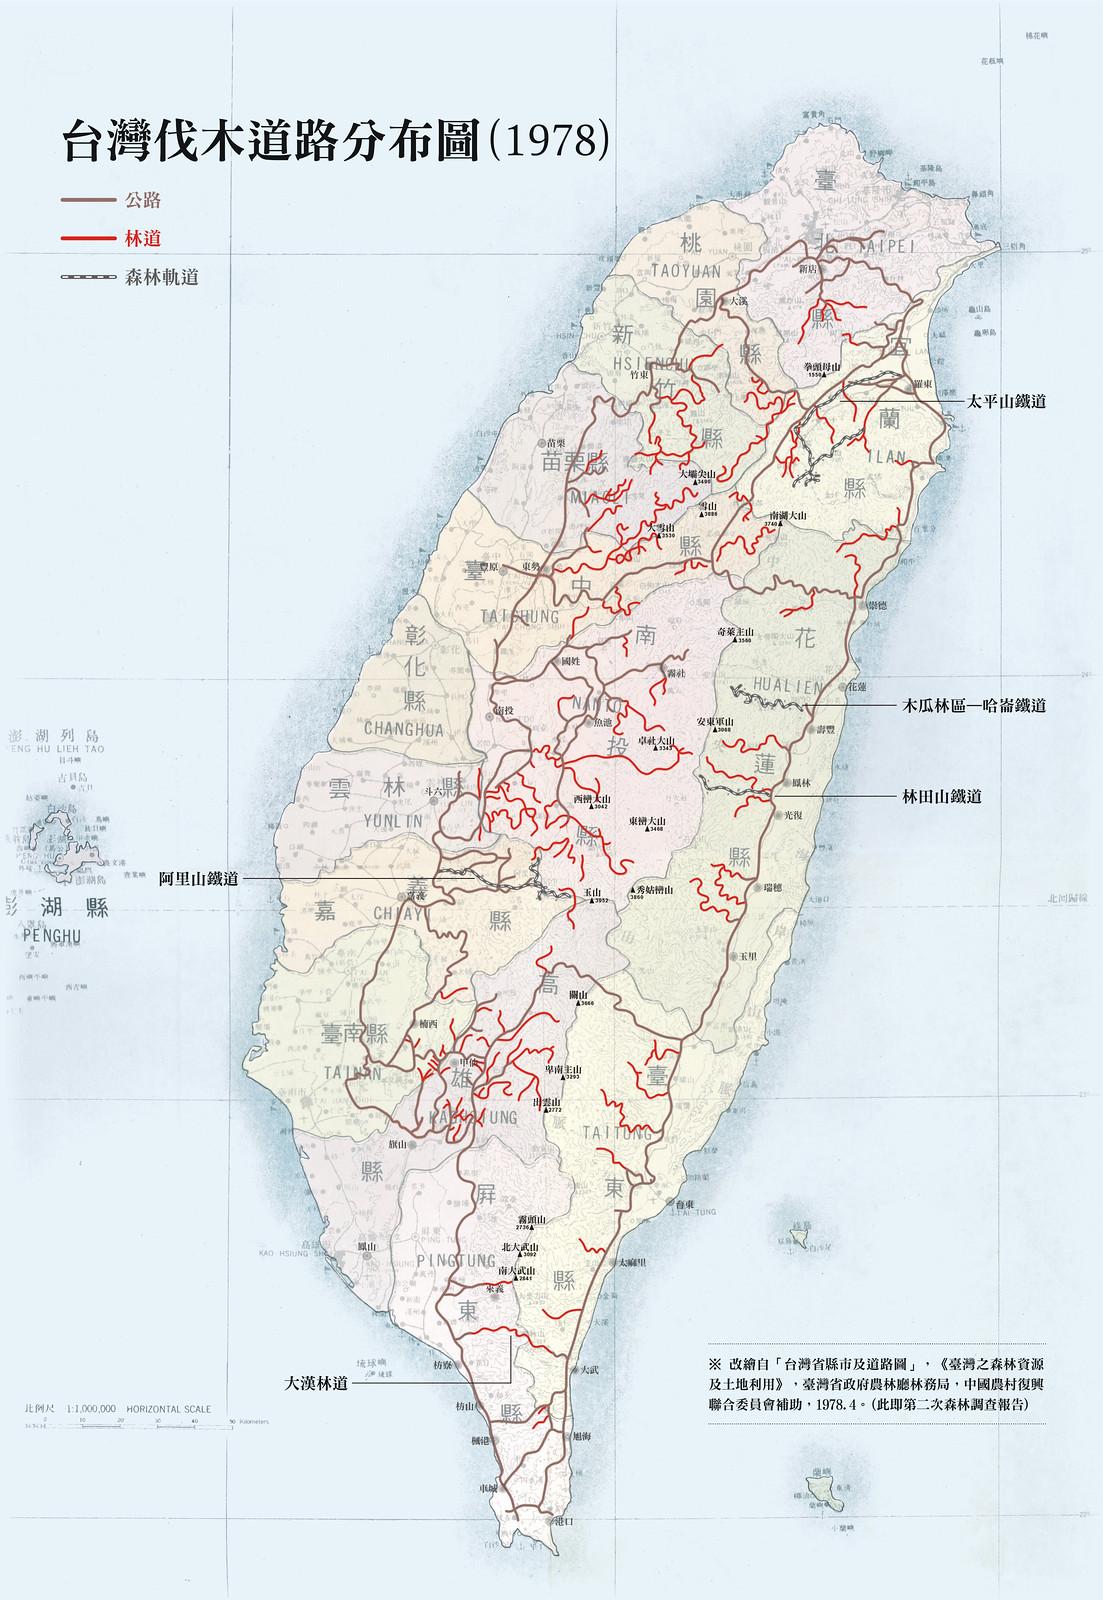 台灣伐木道路分布圖(1978),改繪自《台灣之森林資源及土地利用》所附「台灣省縣市及道路圖」。製圖:何俊彥 p.50